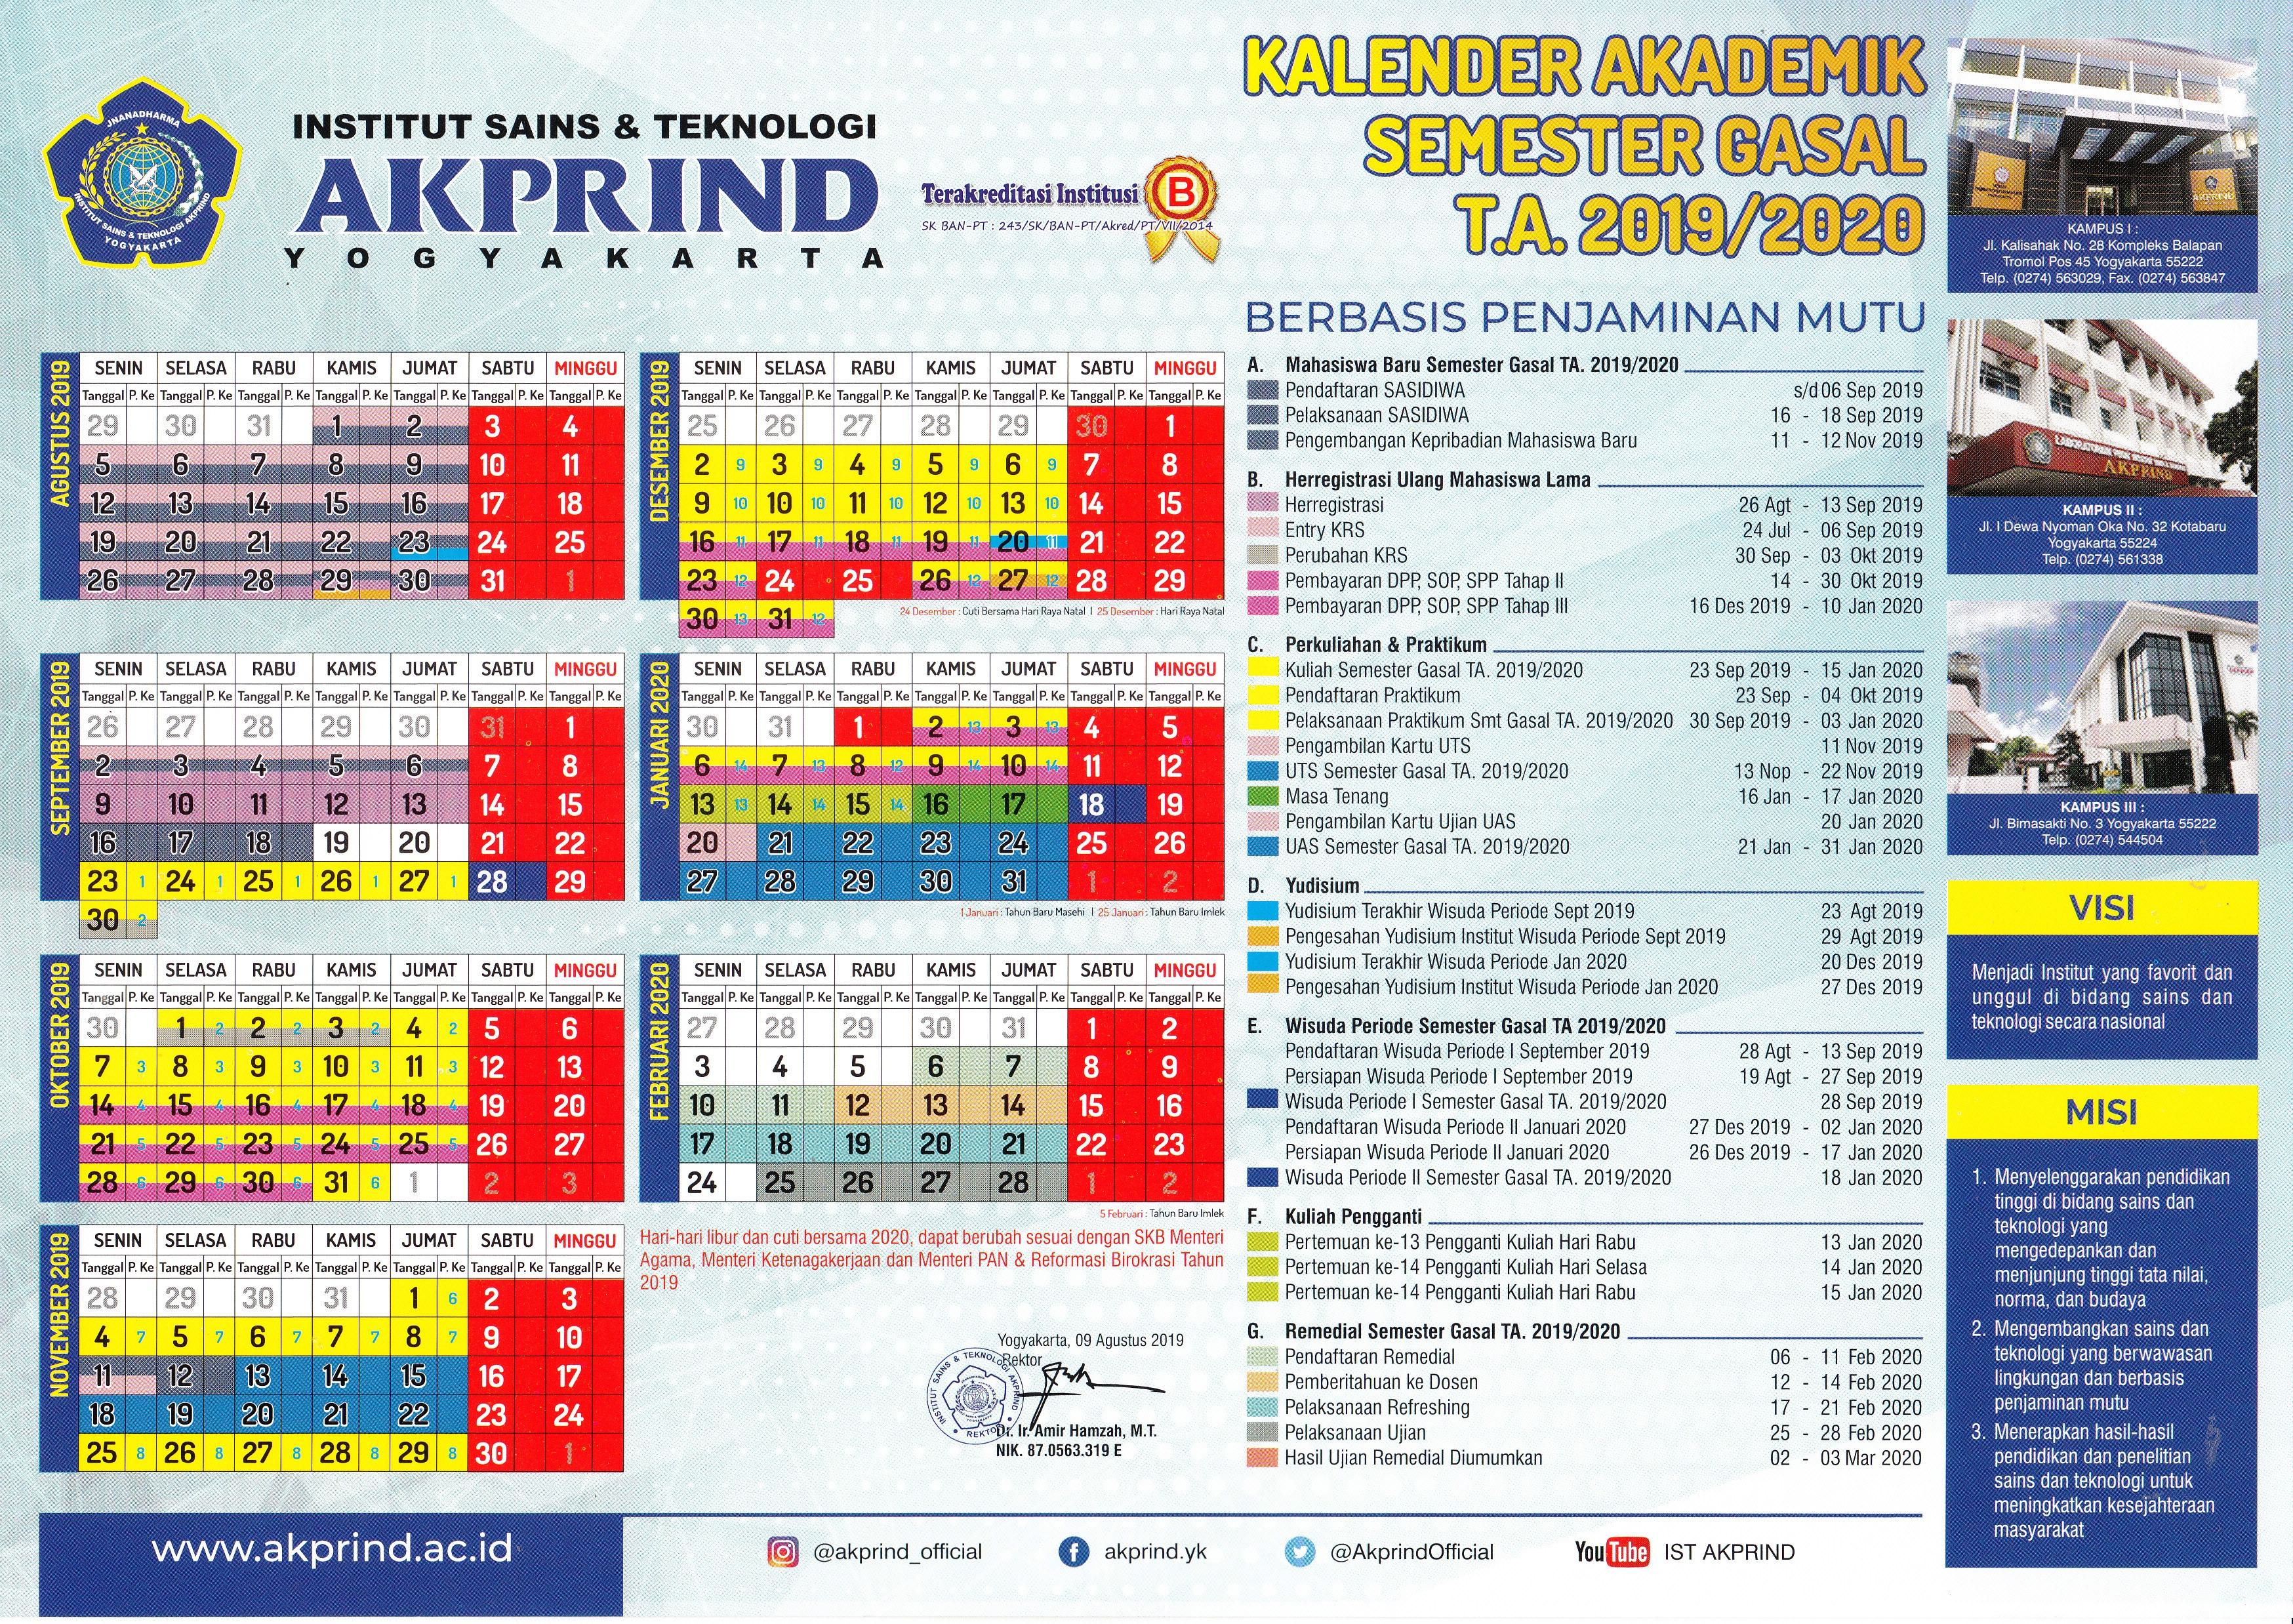 kalender akademik gasal 2019-2020